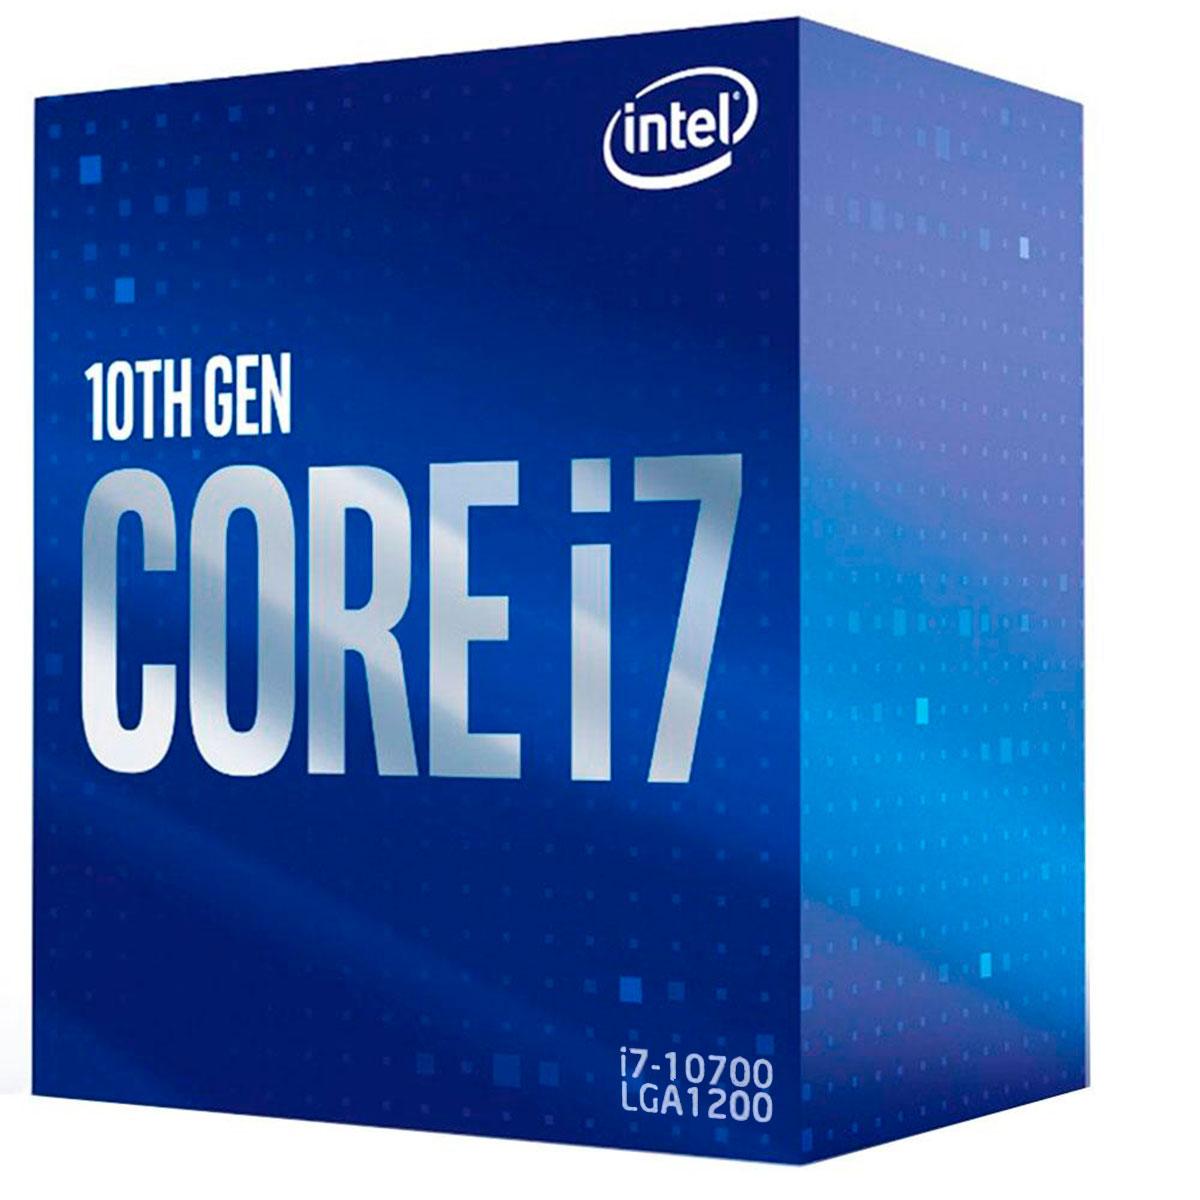 Processador Intel Core I7-10700 2.90GHz (4.8GHz Turbo) Octa Core LGA1200 16MB Cache - BX8070110700